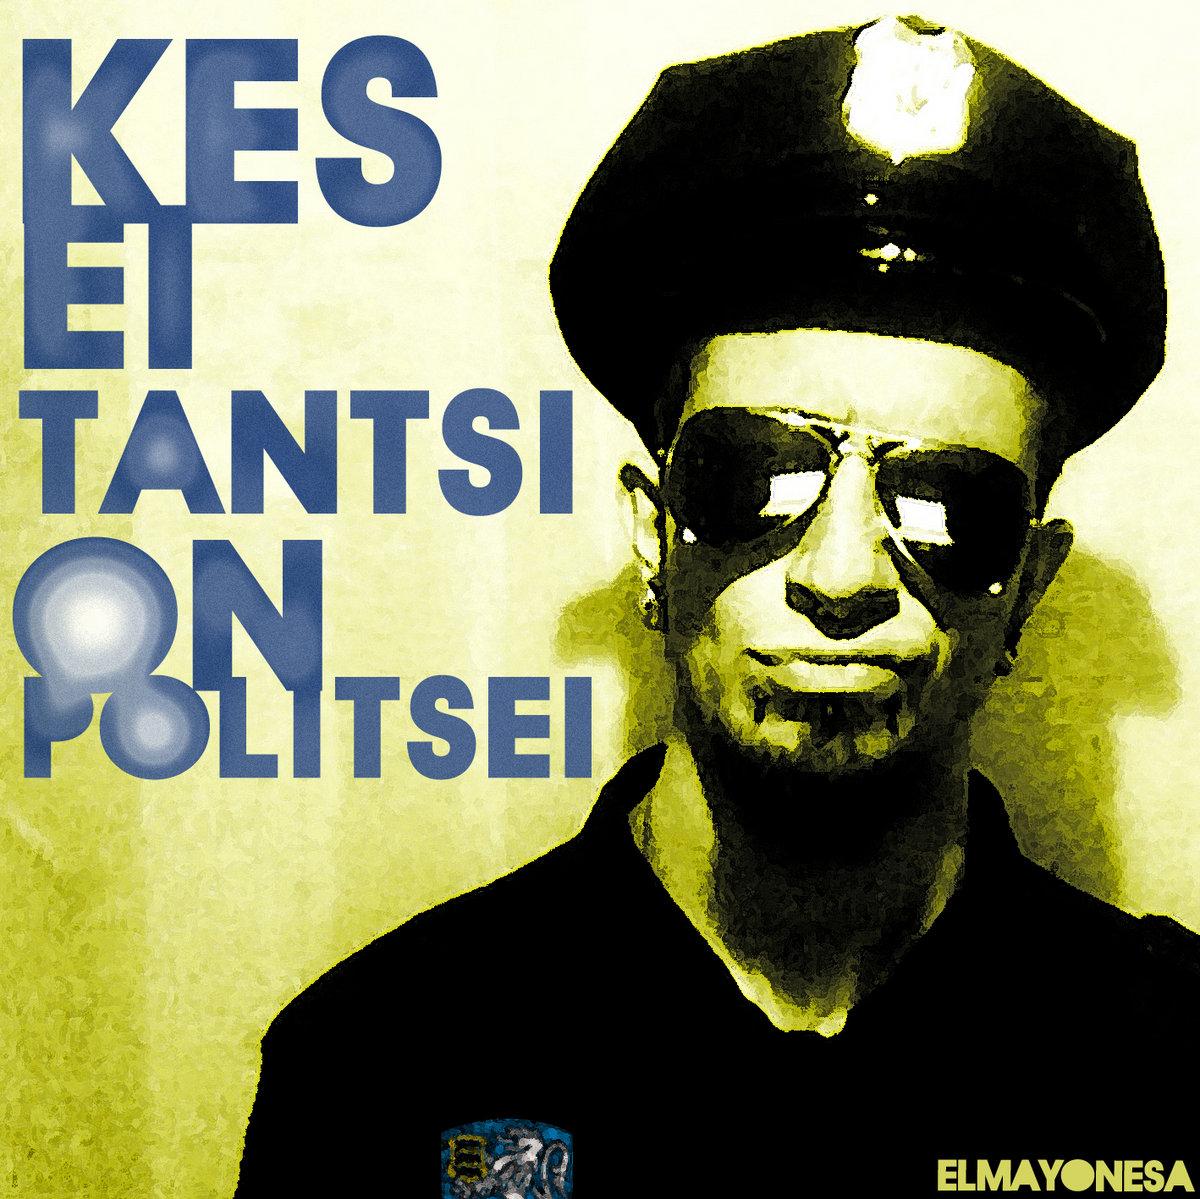 Kes ei tantsi on politsei!   Teräsmeduusat